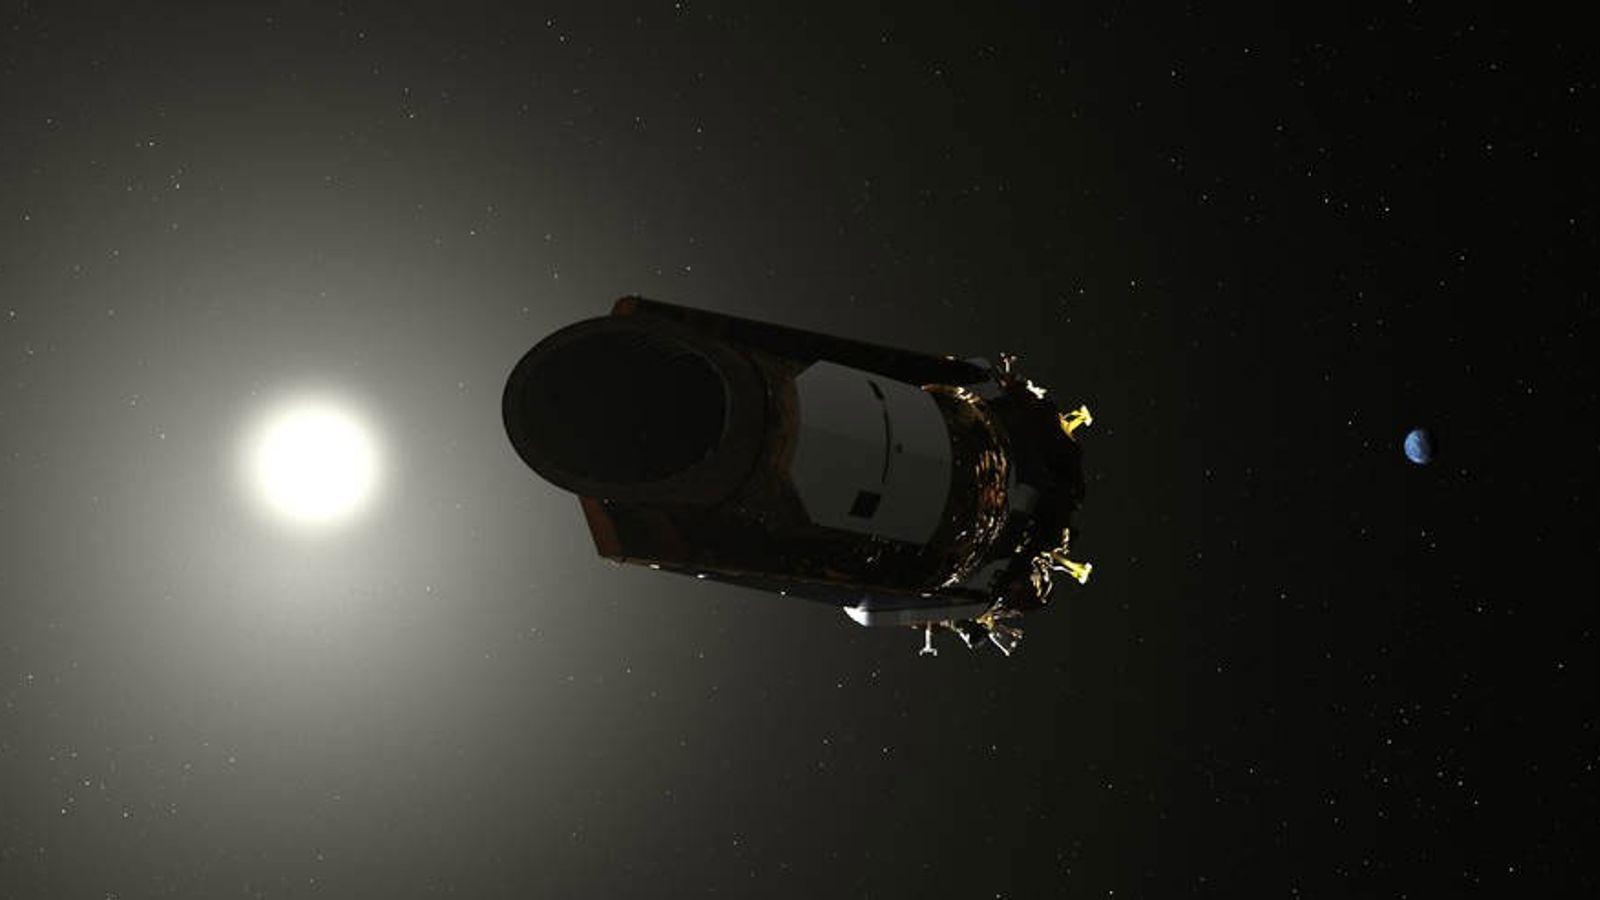 Cette illustration représente le télescope spatial Kepler se déplaçant dans notre système solaire.